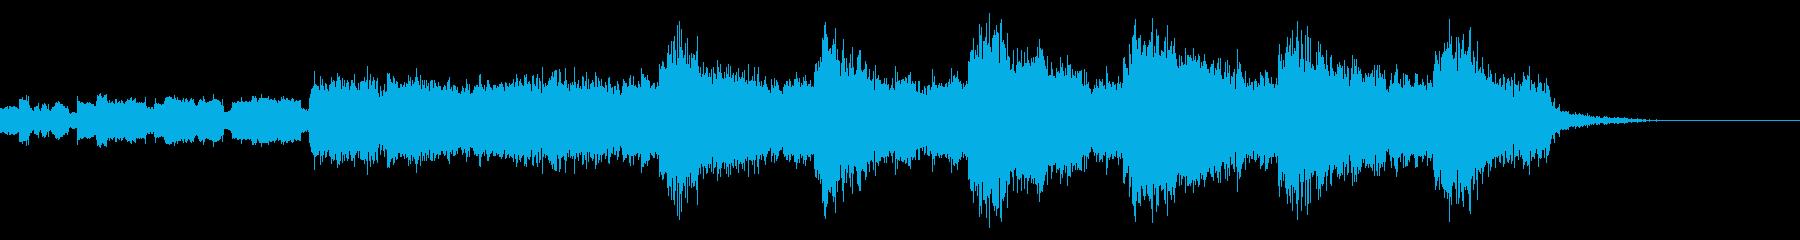 不穏なBGM2の再生済みの波形